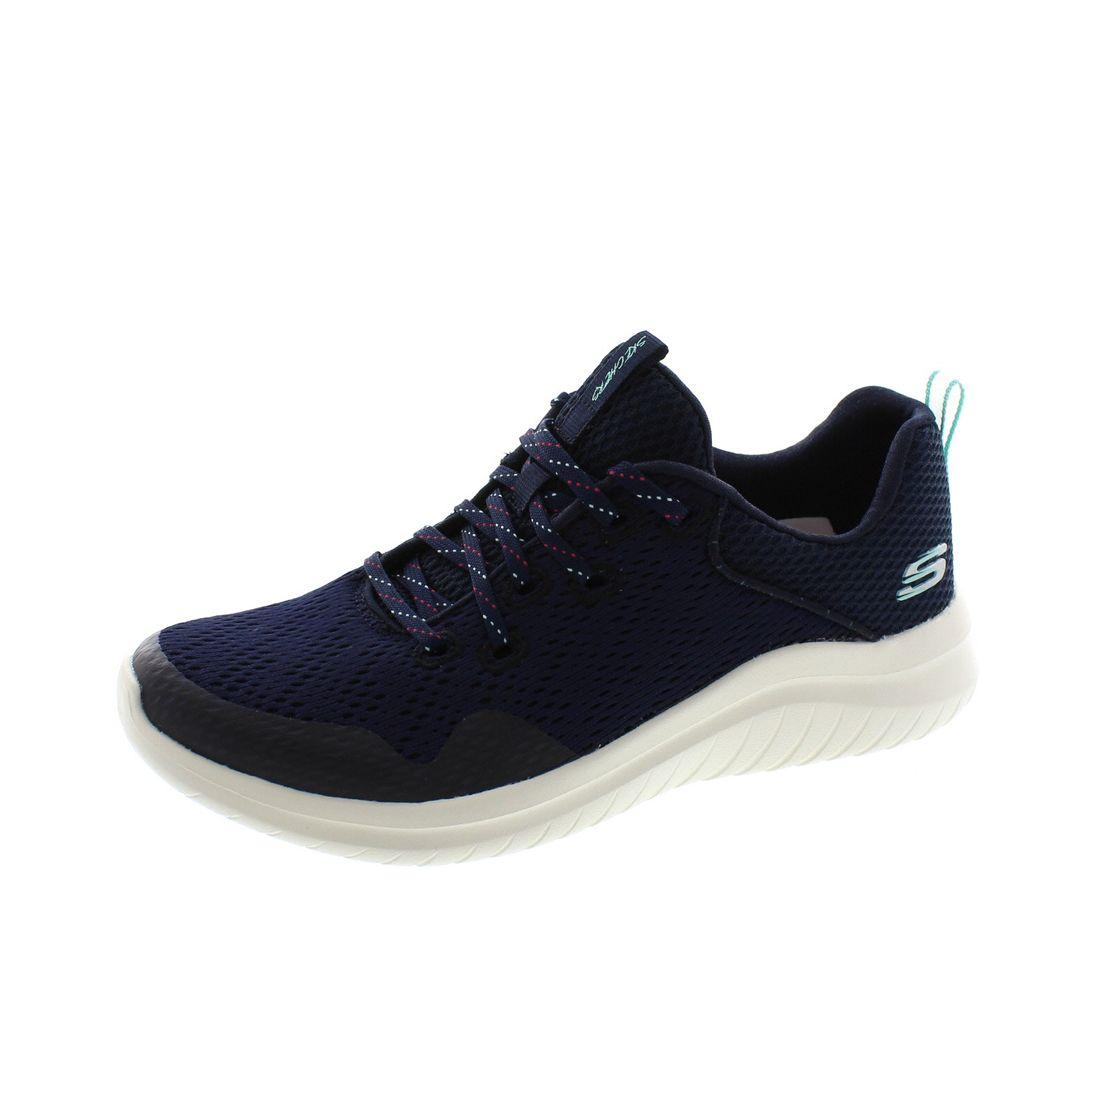 SKECHERS Damen - Sneaker Ultra Flex 2.0 149090 - navy